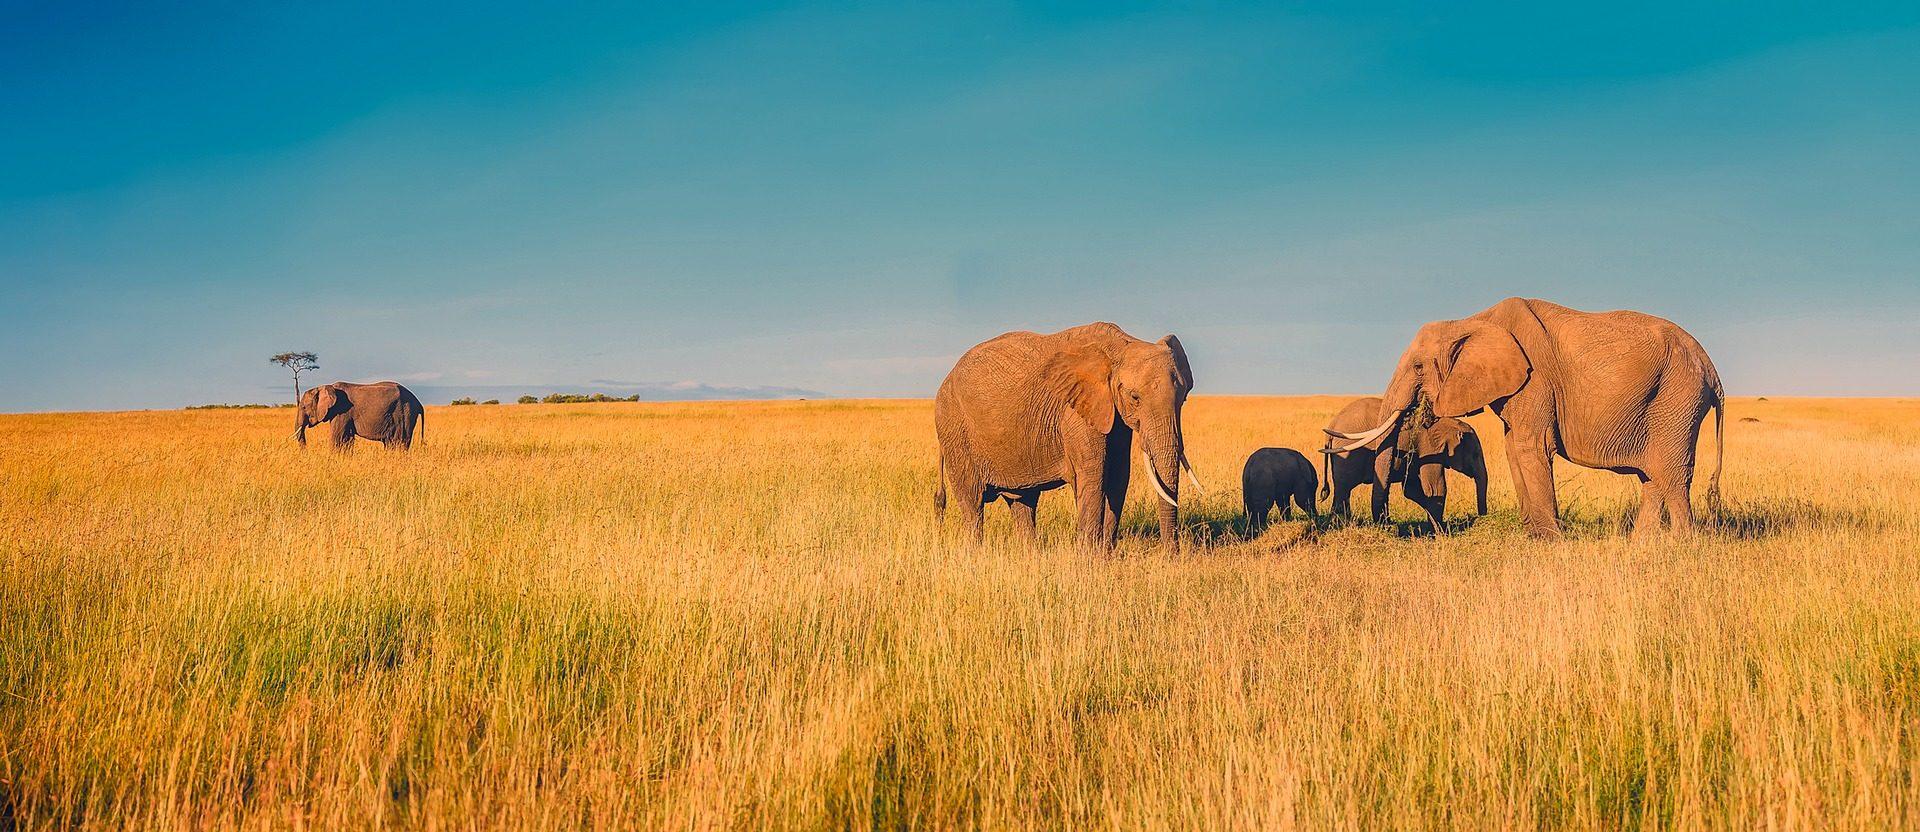 大象, 獠牙, 牛群, 家庭, 萨凡纳, 非洲 - 高清壁纸 - 教授-falken.com